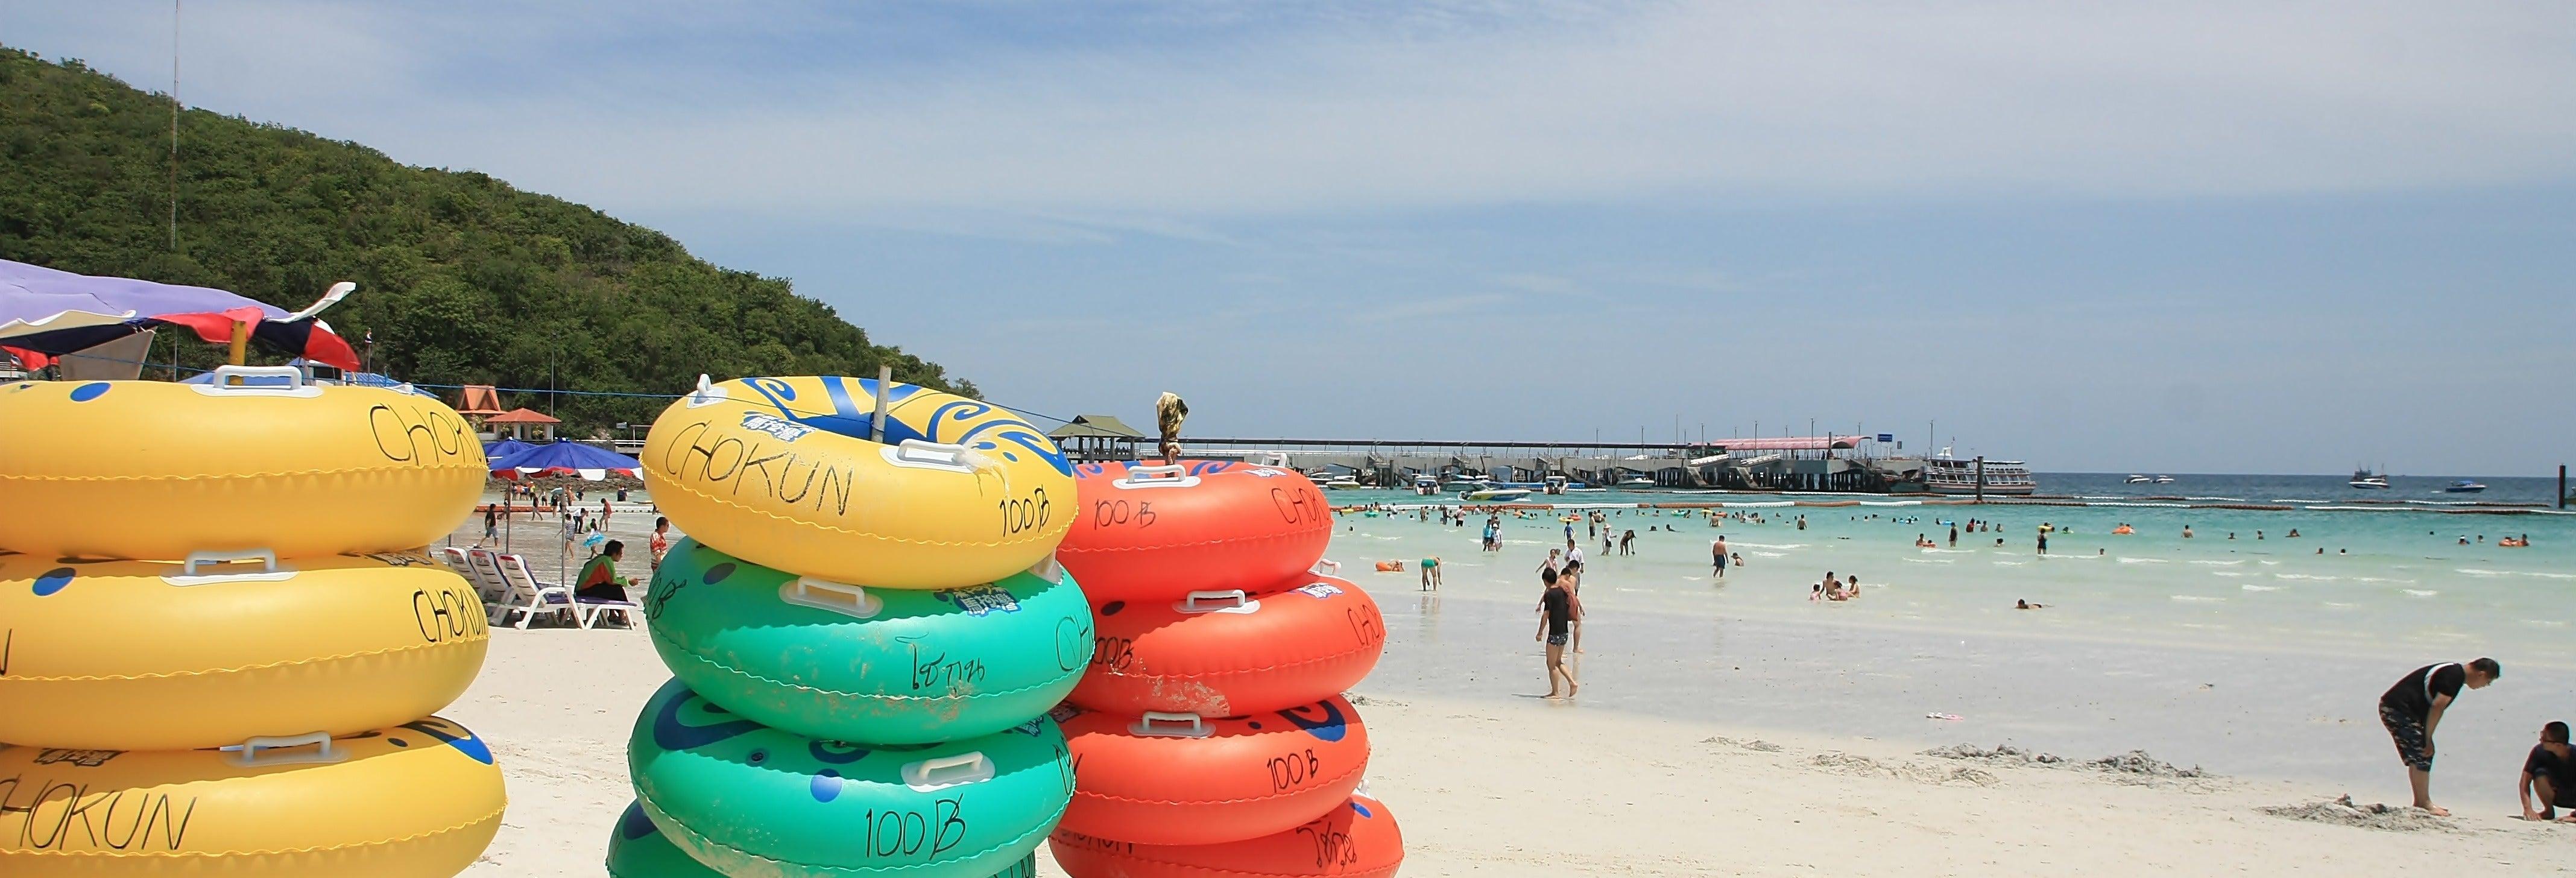 Excursión a Coral Island en lancha rápida